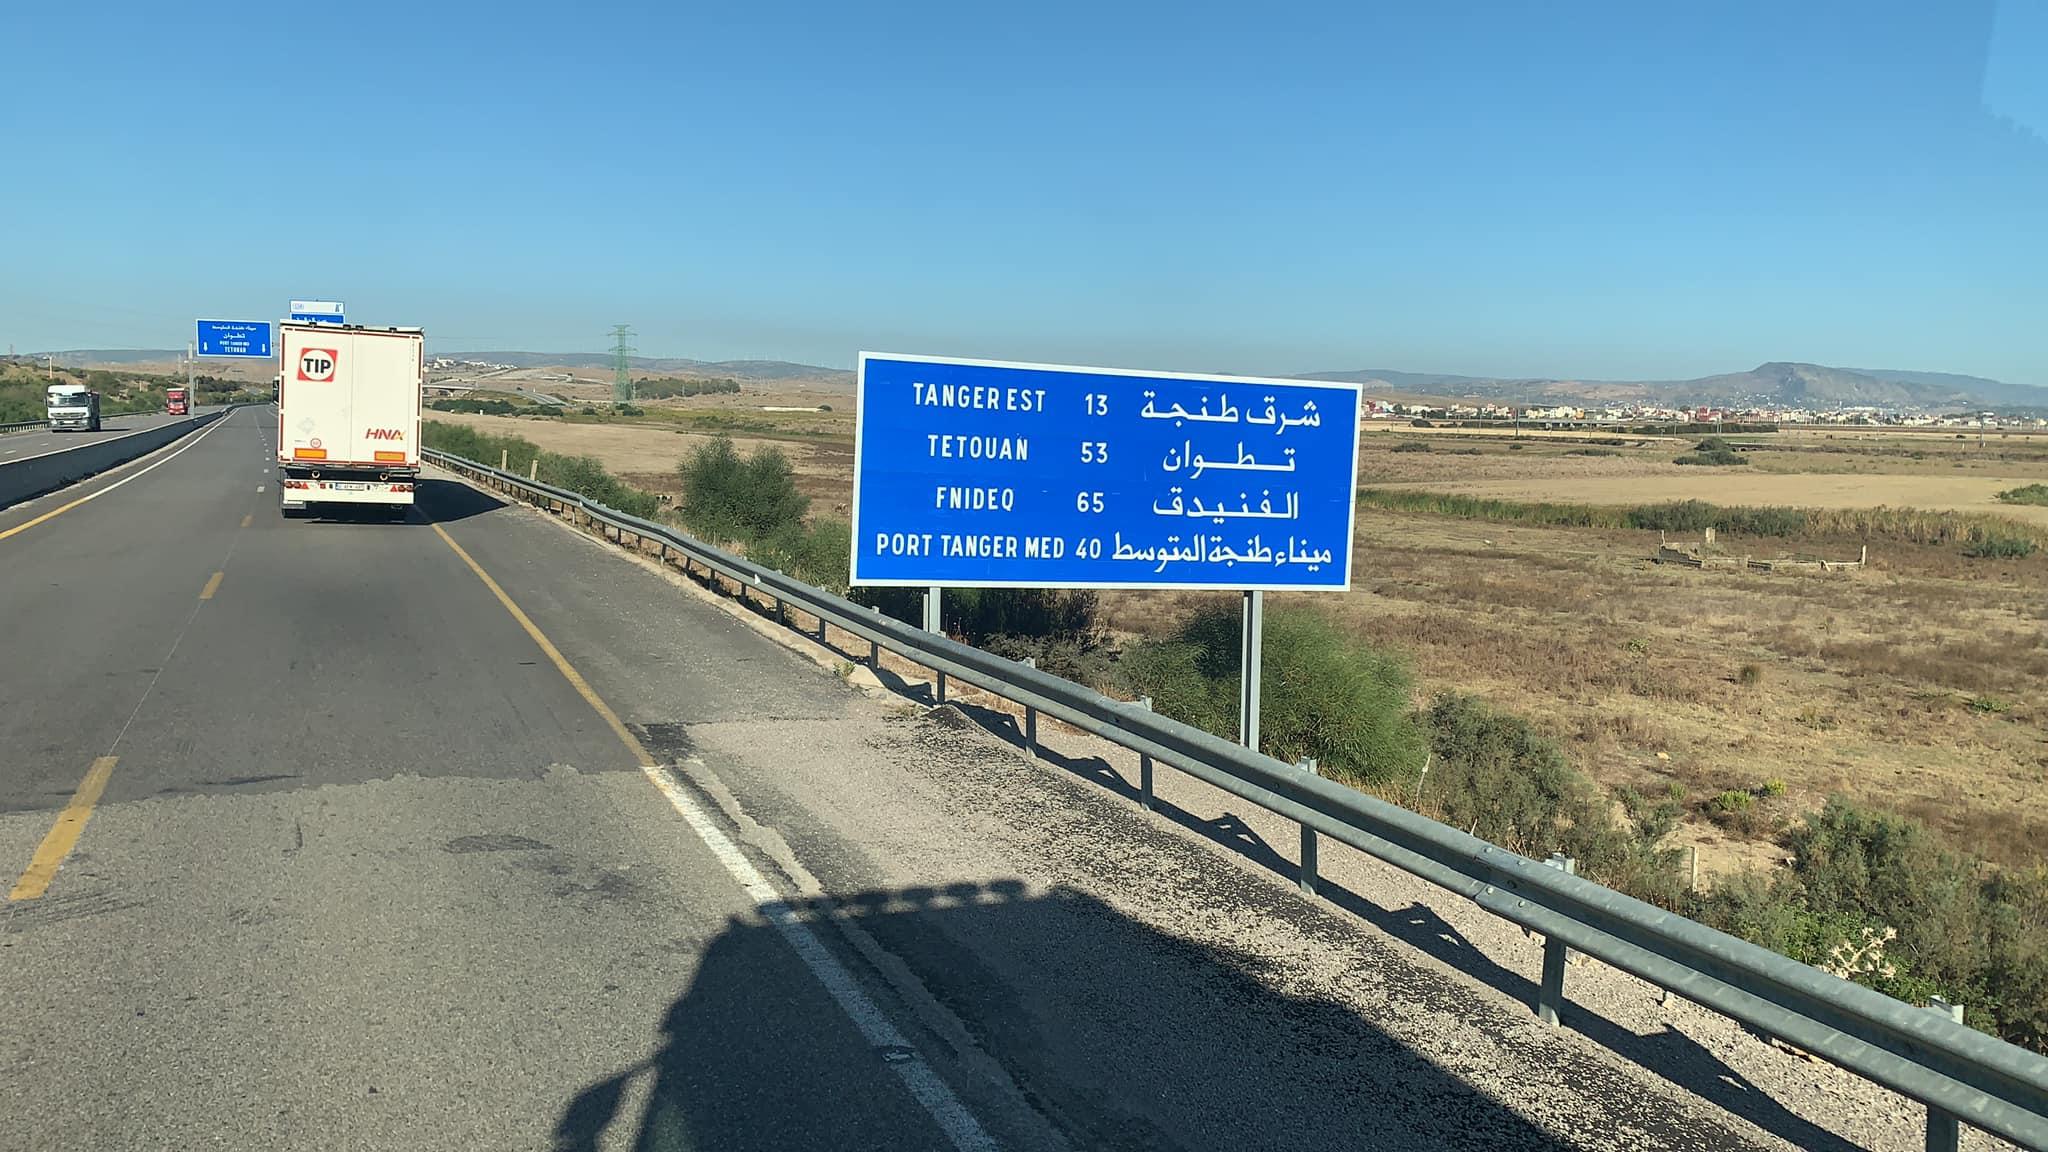 17-1-2020-met-koeler-naar-Marokko-en-met-een-zeilen-oplegger-die-in-Spanje-stond-terug--(1)